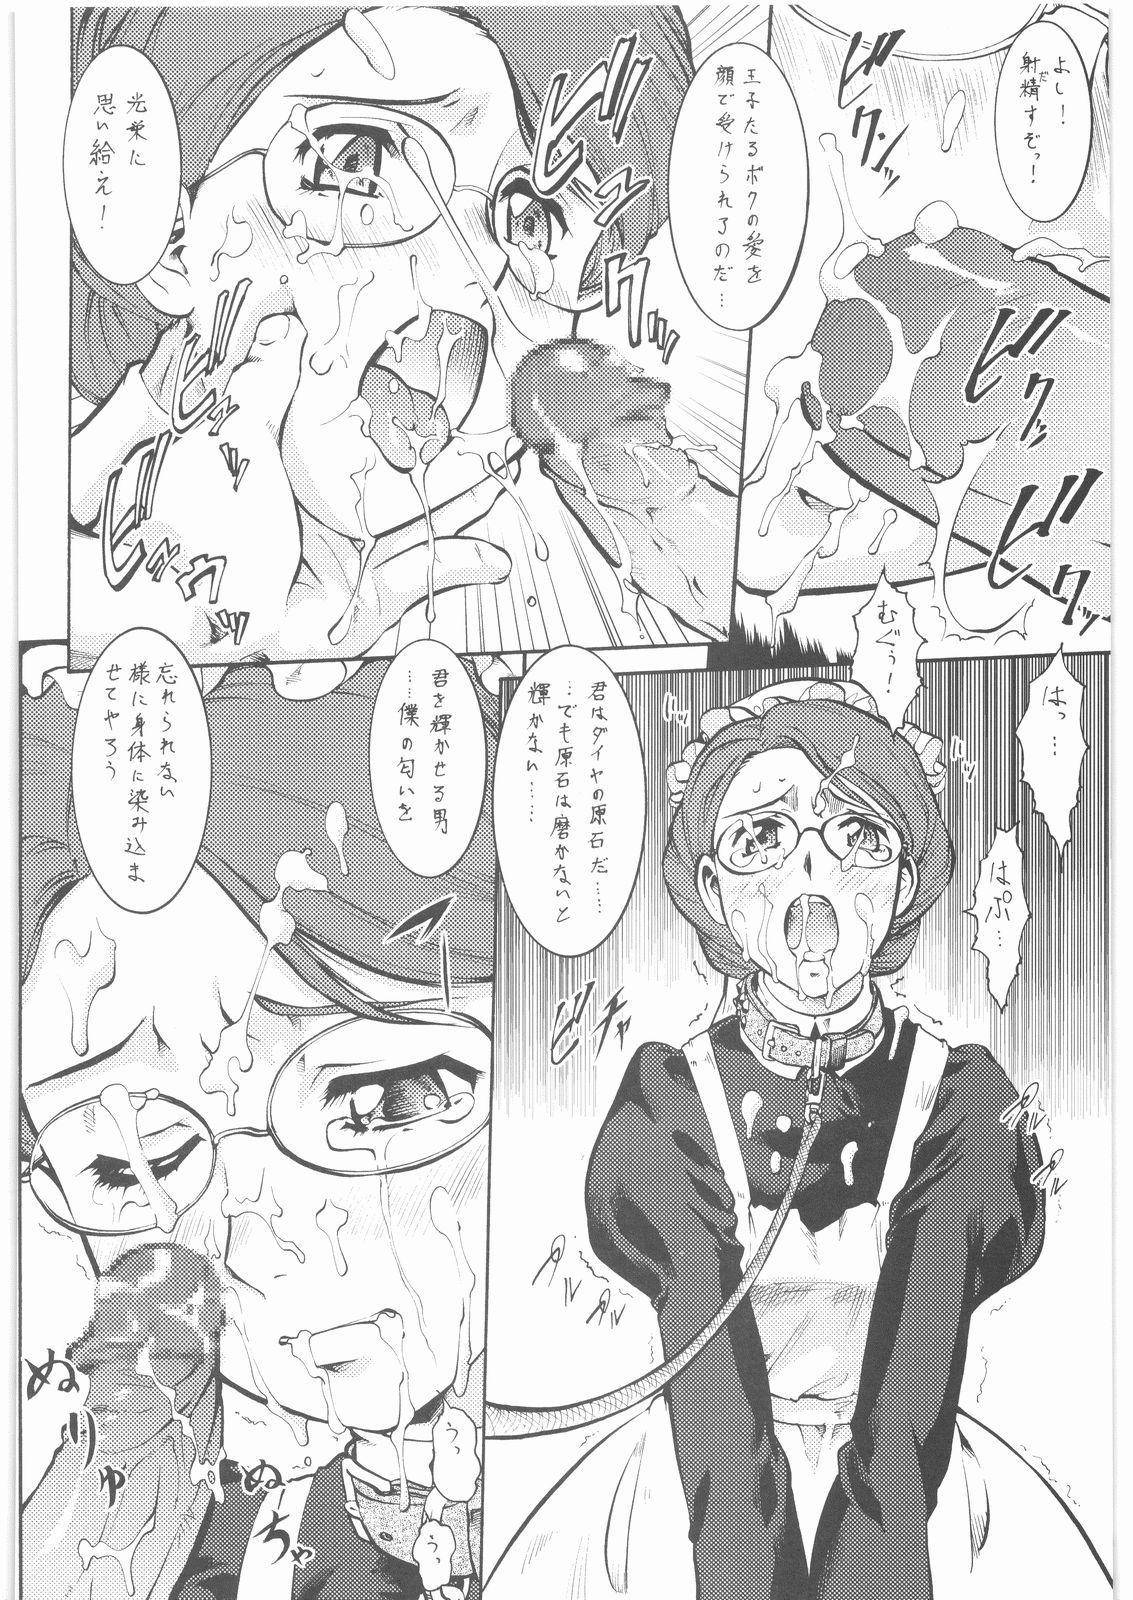 Umedamangashuu 12 Shito 84